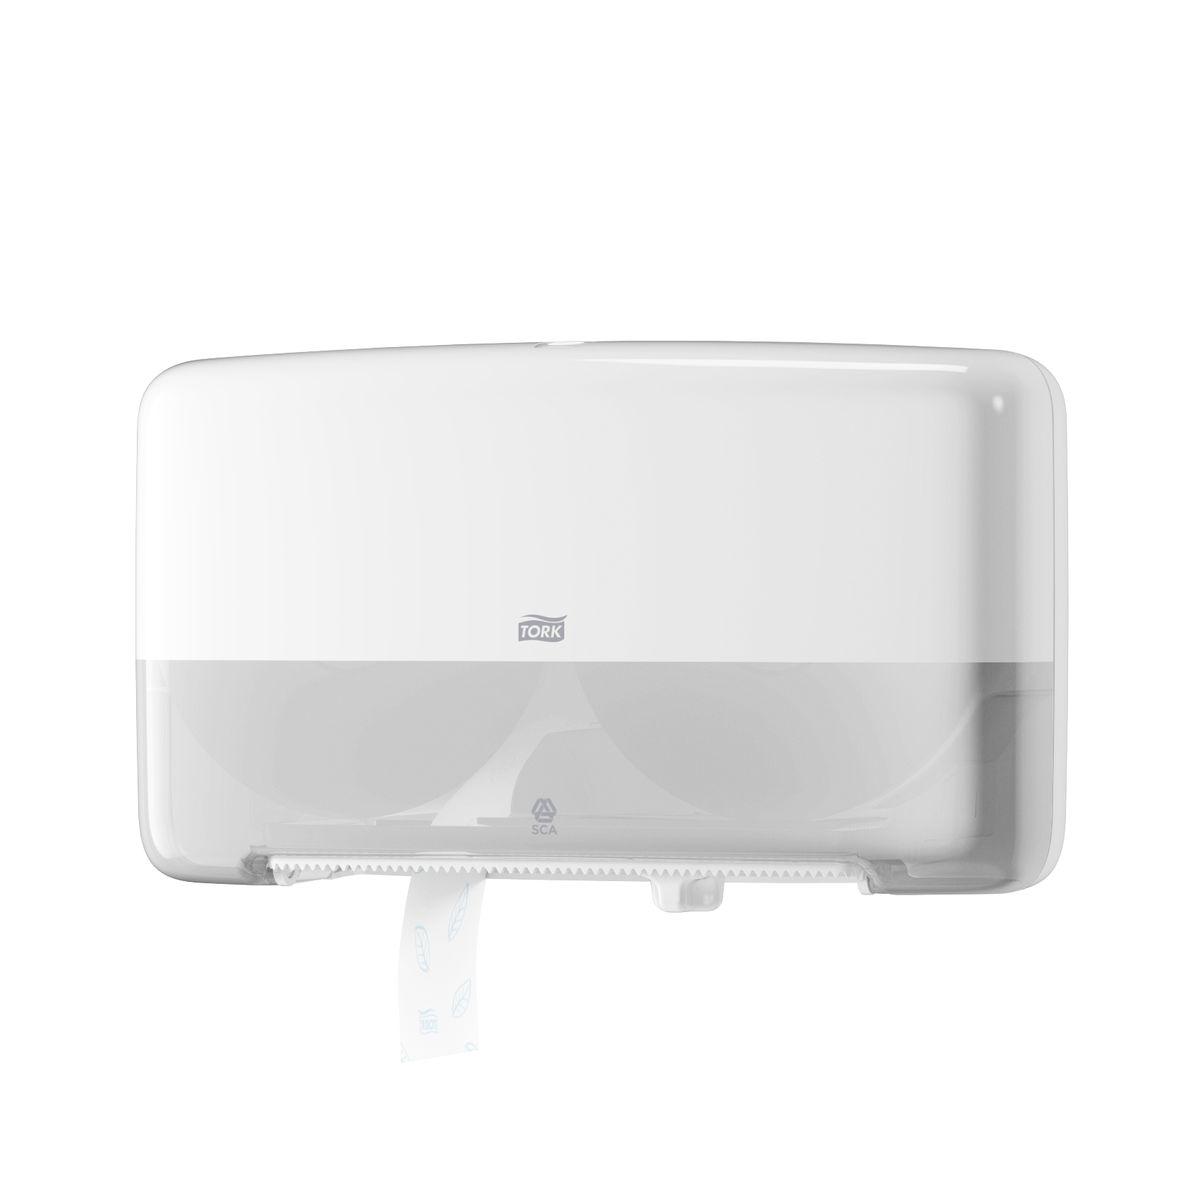 Диспенсер для туалетной бумаги Tork, цвет: белый. 555500555500Система T2 - для туалетной бумаги в мини рулонах Предназначен для туалетных комнат средне-высокой проходимости. Вмещает 2 мини рулона туалетной бумаги Tork Т2. Очень компактный. Емкость до 340м. Вмещает запасной рулон. Доступ к запасному рулону открывается, после окончания основного рулона. 100% использование каждого рулона. Стопор для плавного вращения и предотвращения перерасхода.